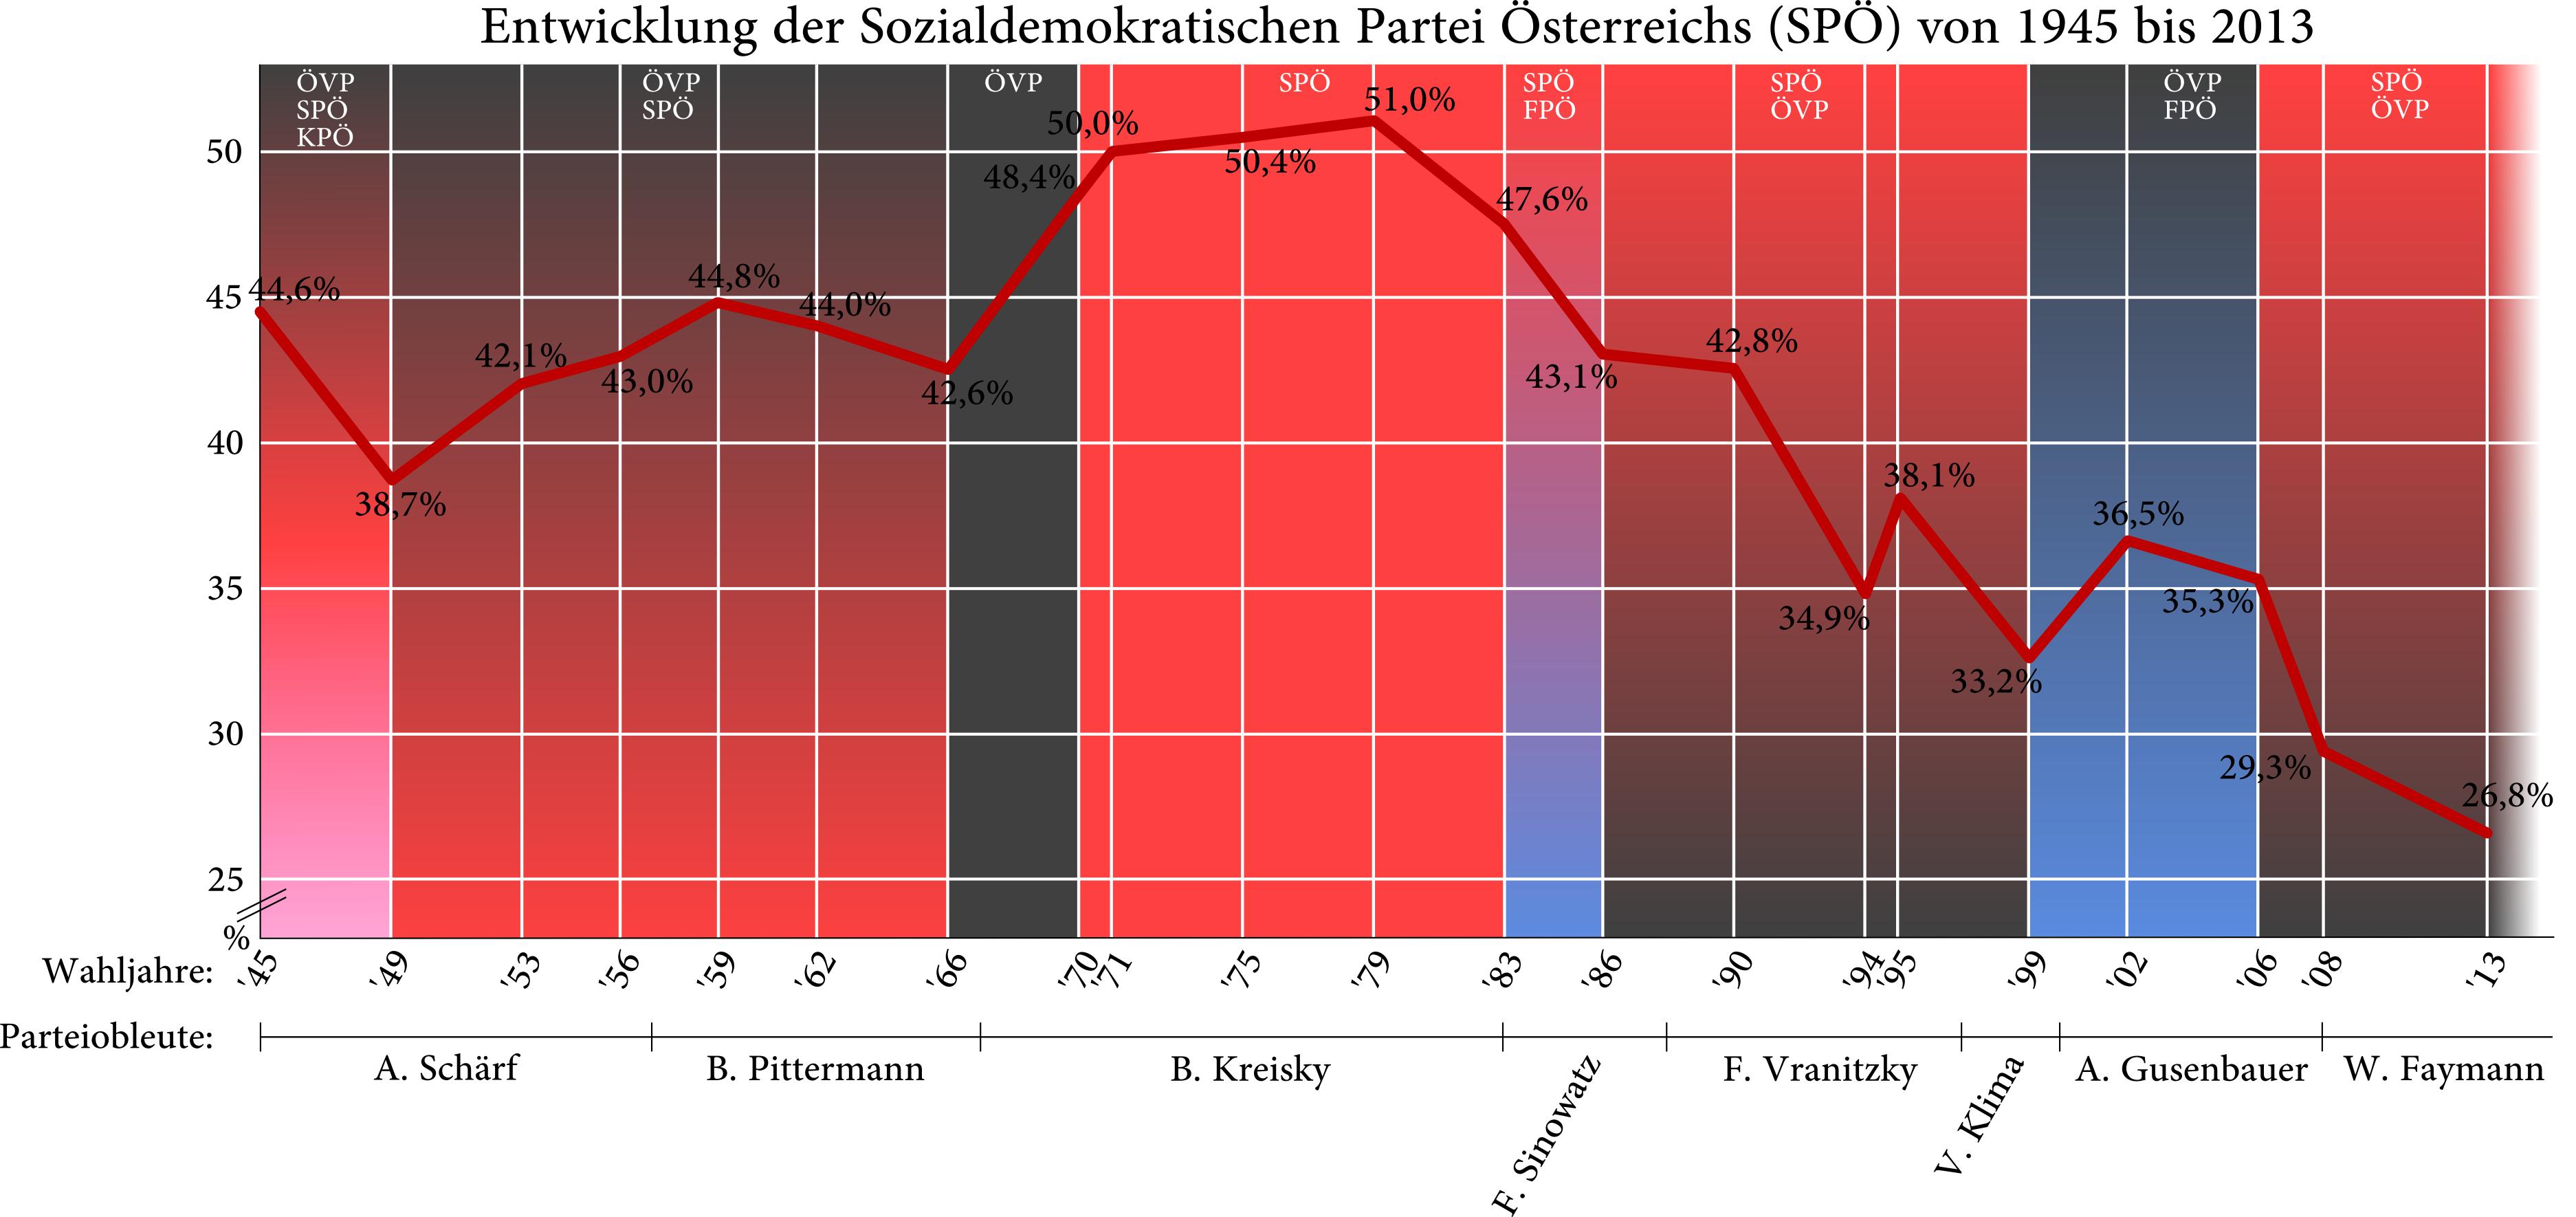 Wahlergebnisse, Regierungsformen und Parteiobleute 1945 bis 2008 als Liniengrafik